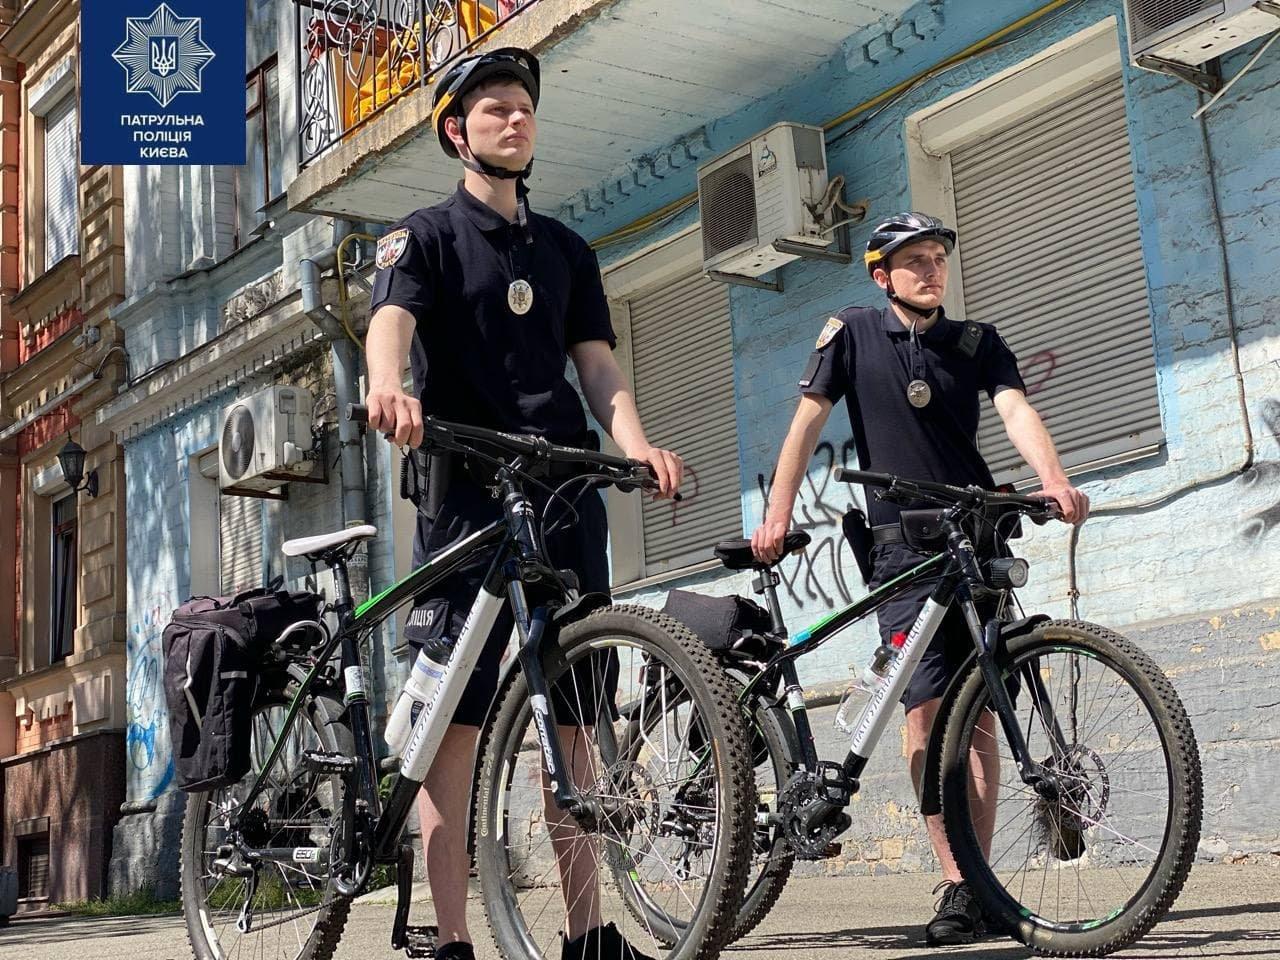 а киевских улицах появился велопатруль., Фото полиции